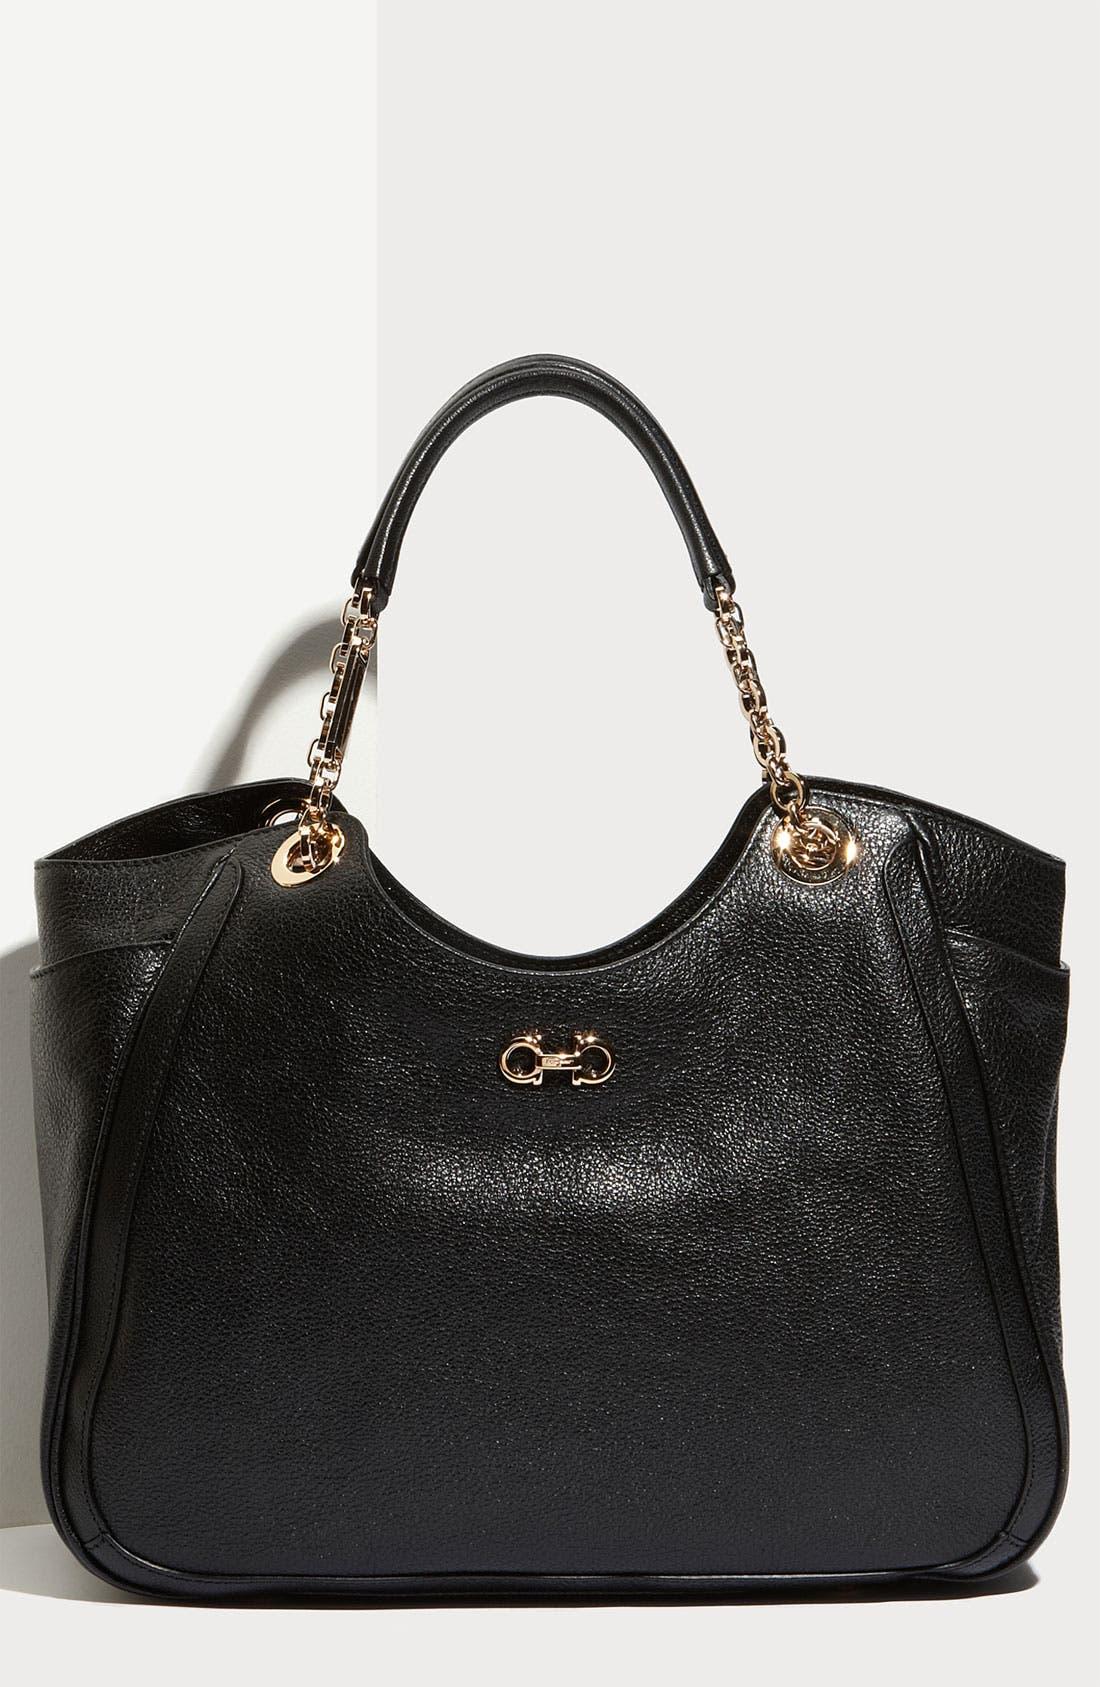 Alternate Image 1 Selected - Salvatore Ferragamo 'Betulla Chain' Leather Shopper